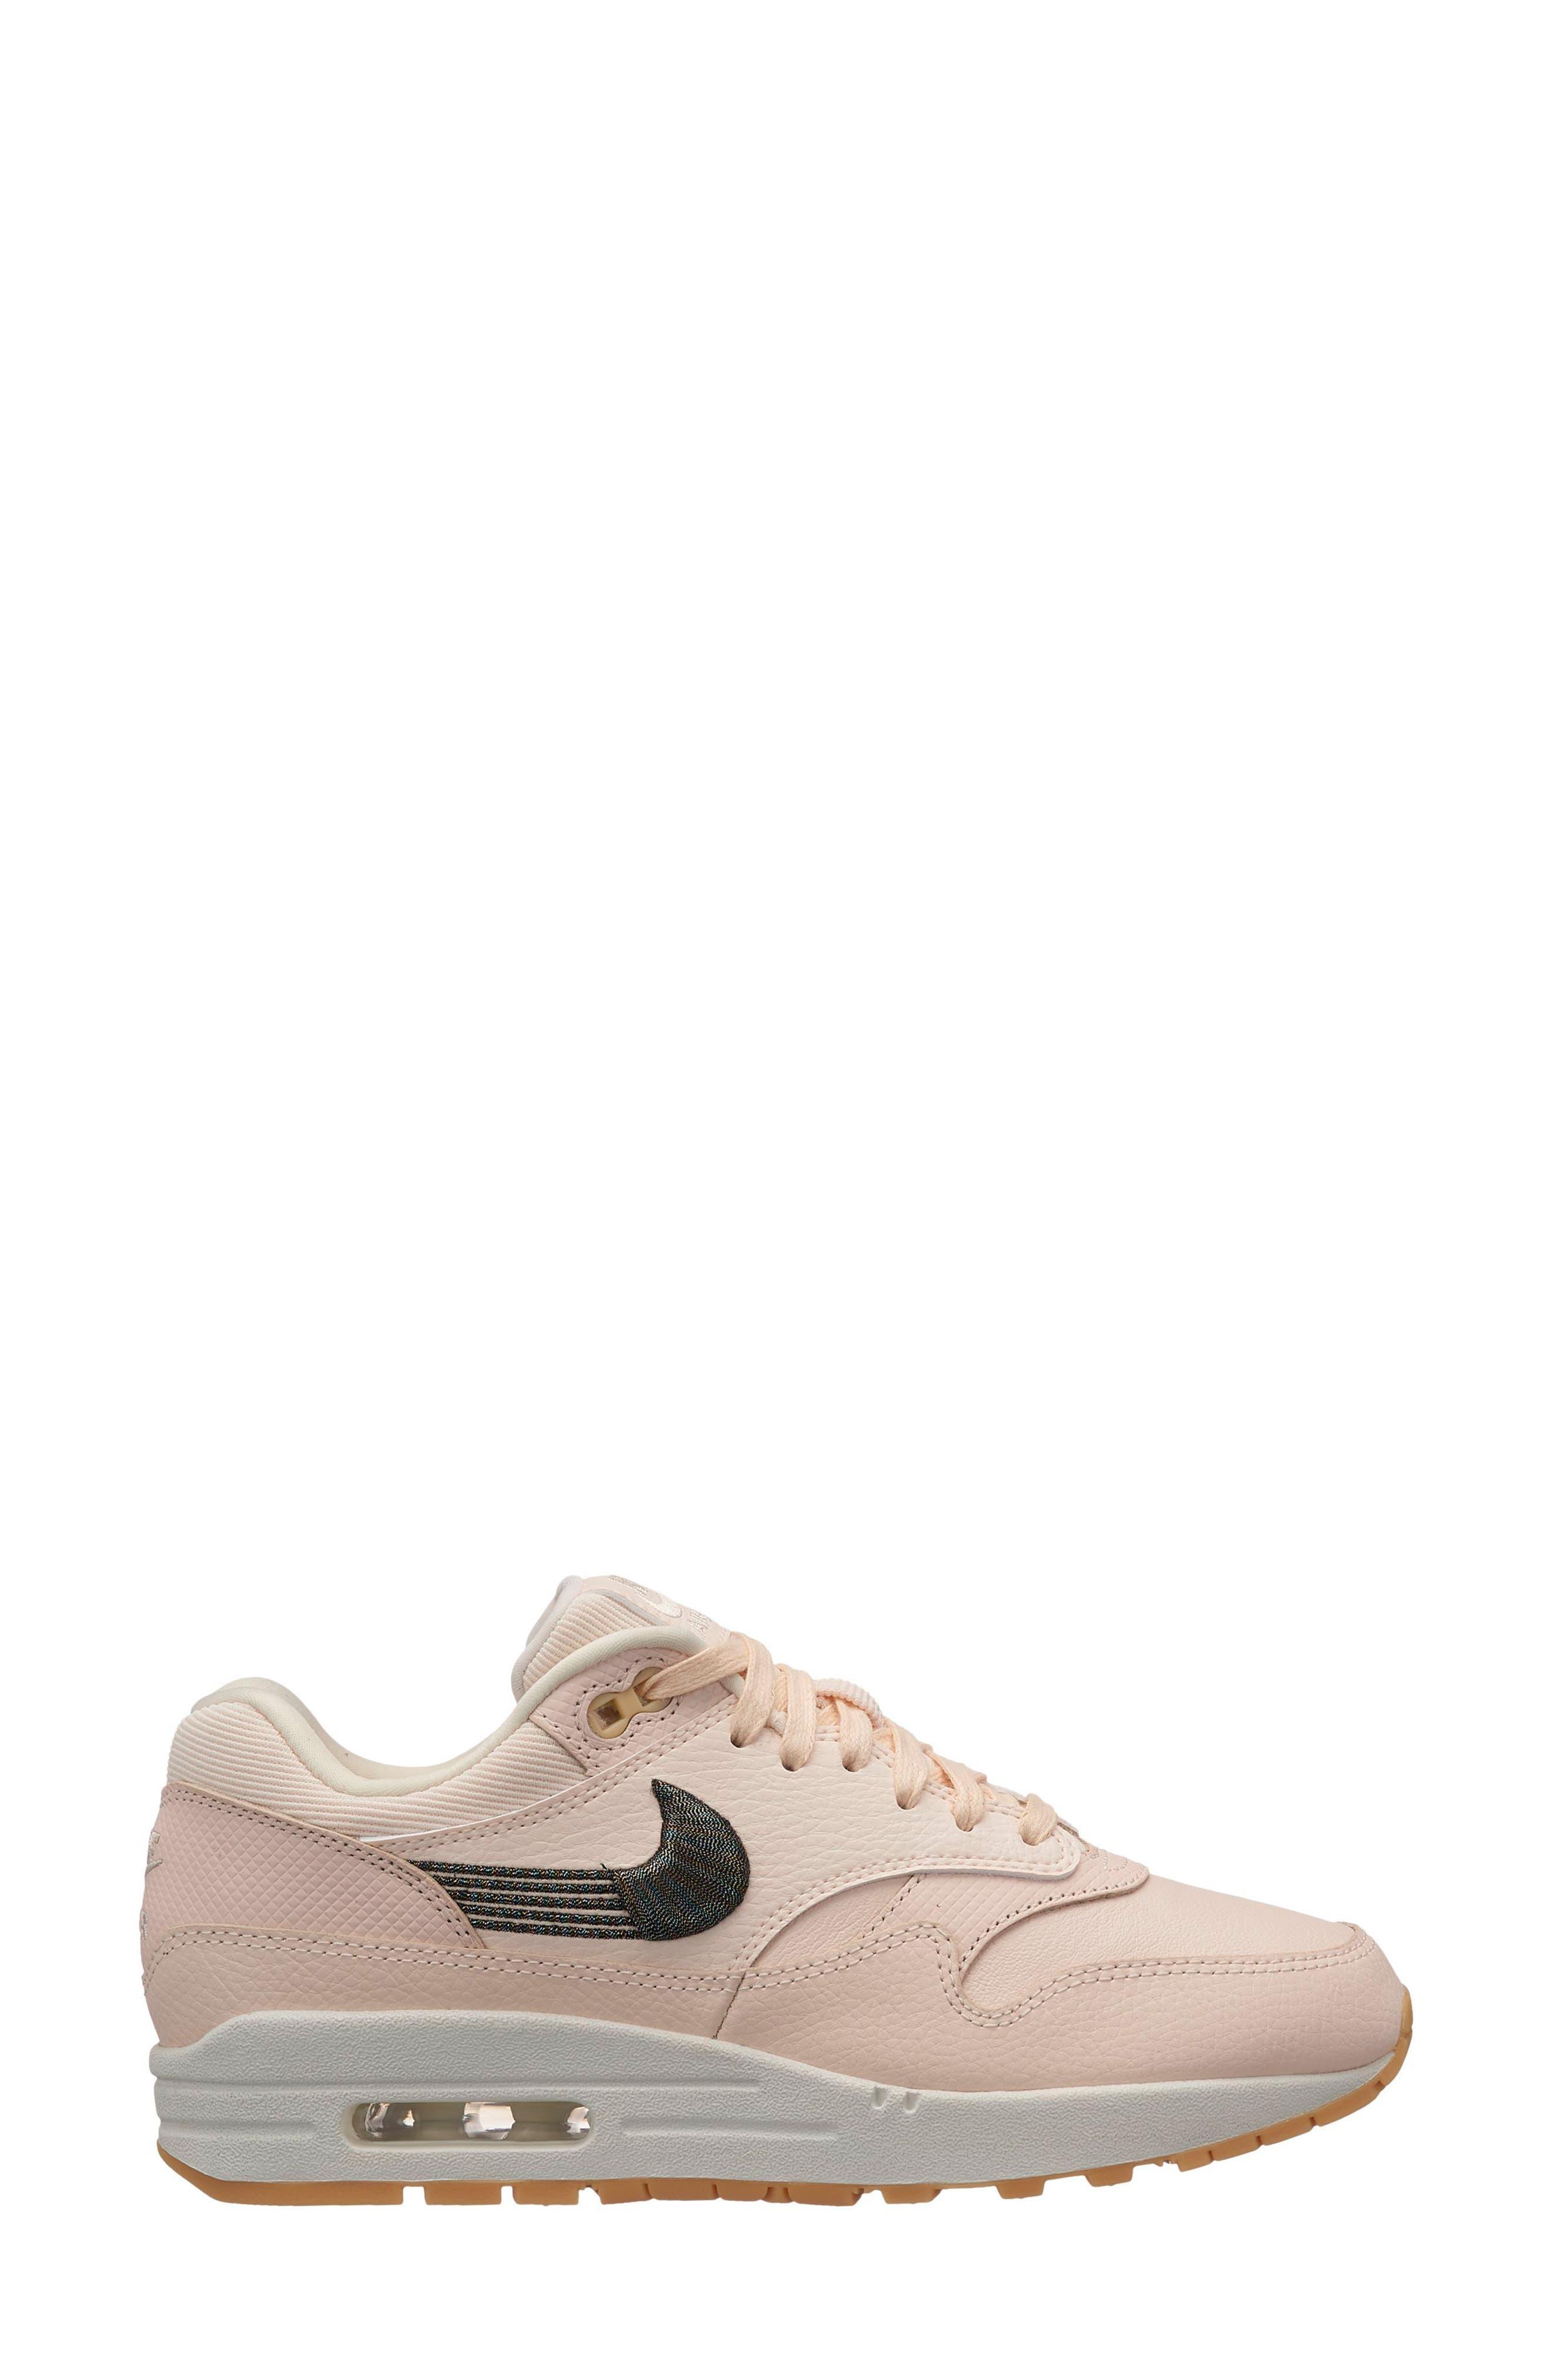 nike shoes women air max